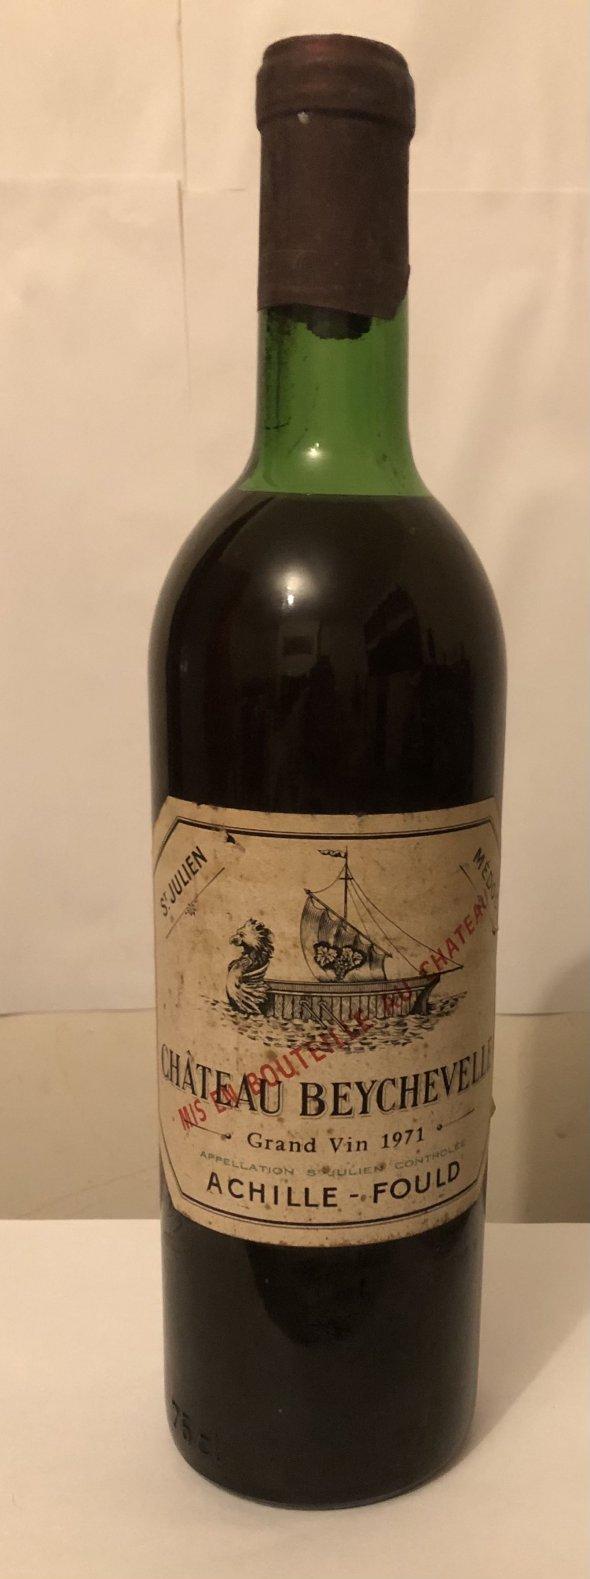 Chateau beychevelle grand vin 1971 mis en bouteille